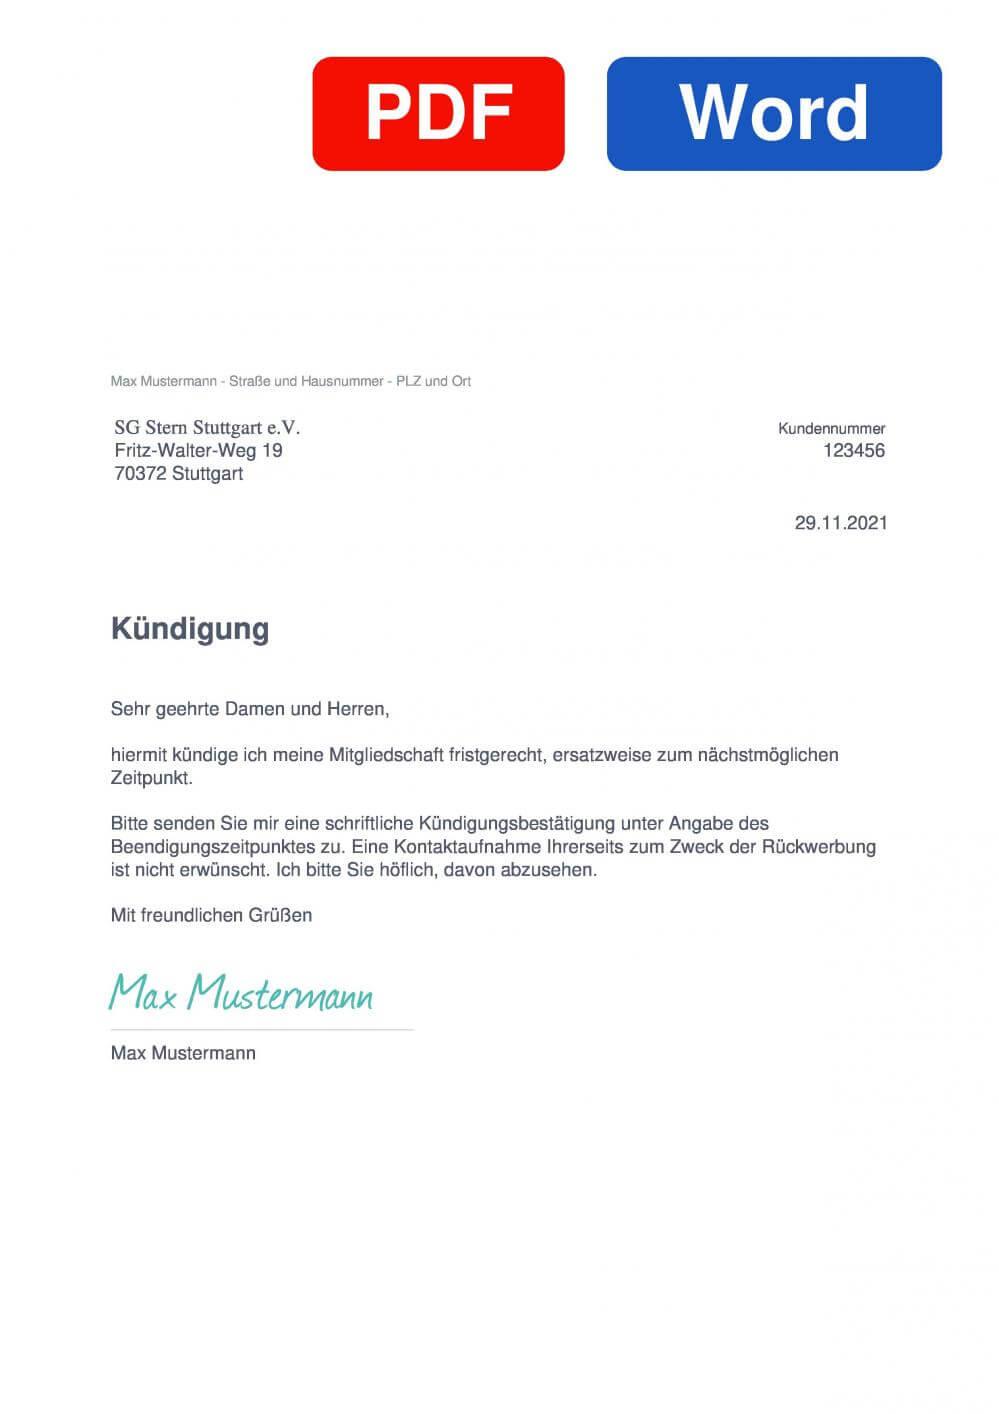 SG Stern Stuttgart Muster Vorlage für Kündigungsschreiben